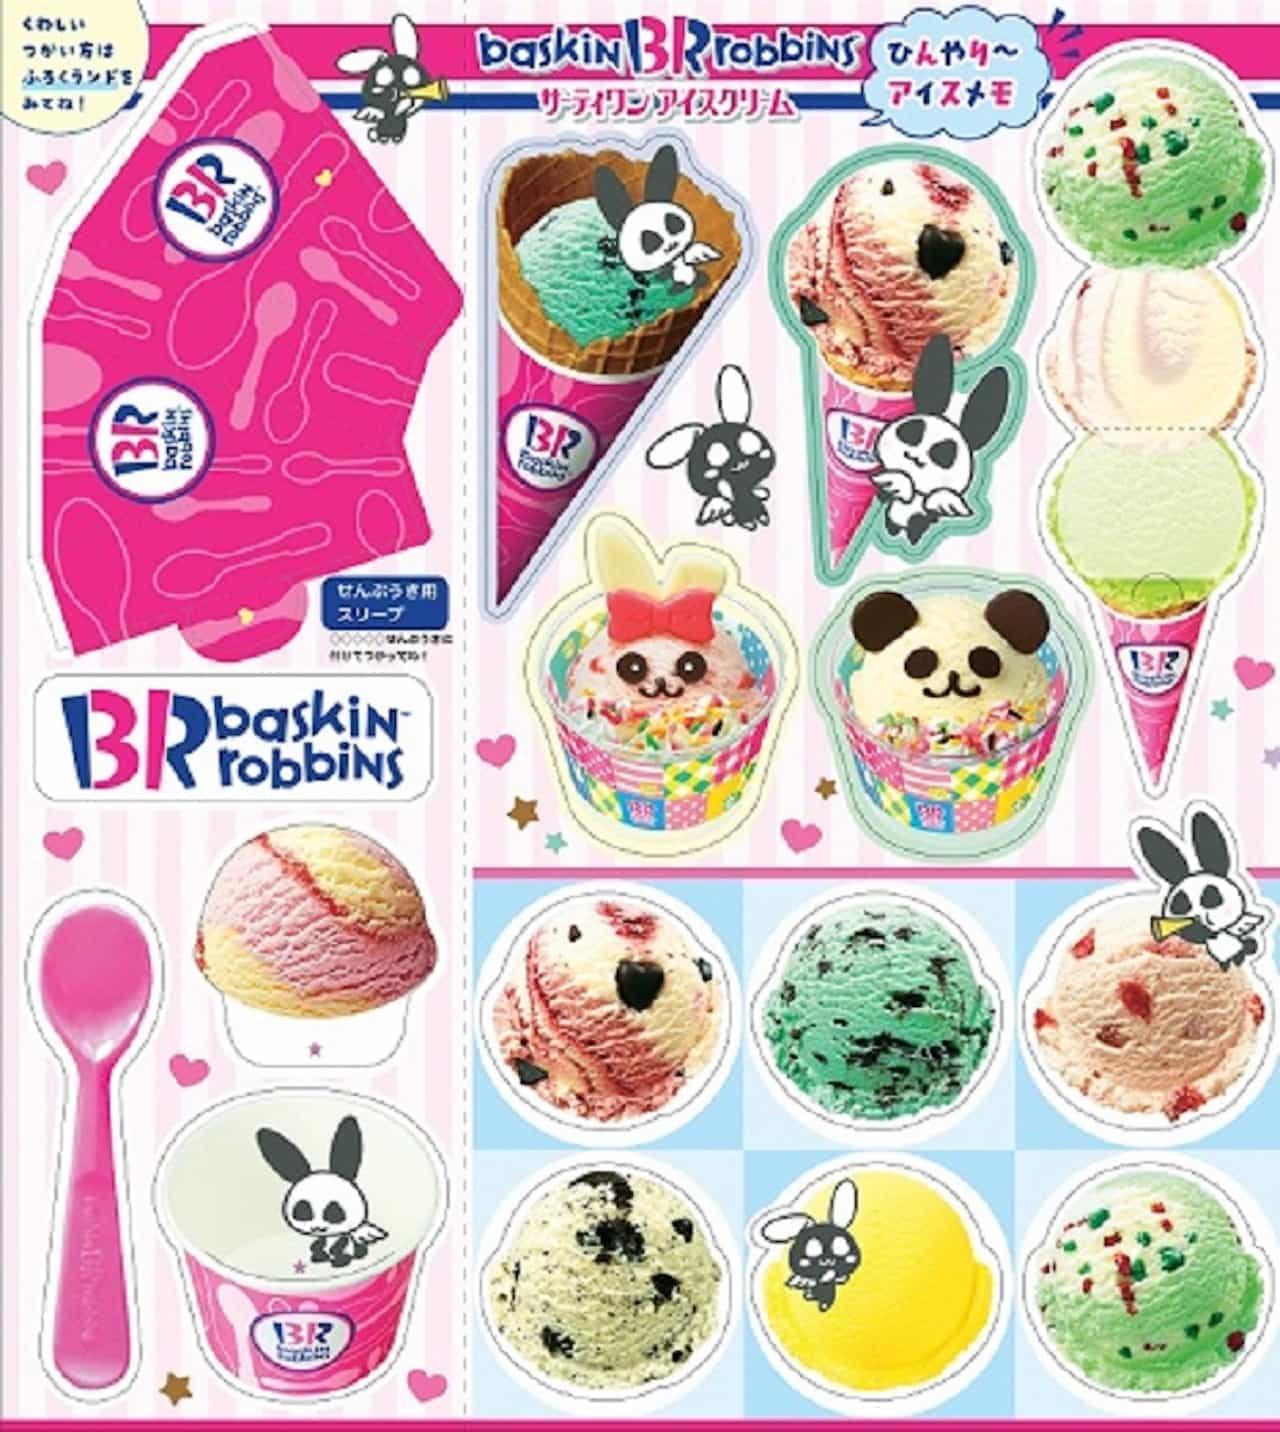 「ちゃお」8月号ふろくはサーティワンアイスクリームとコラボ扇風機